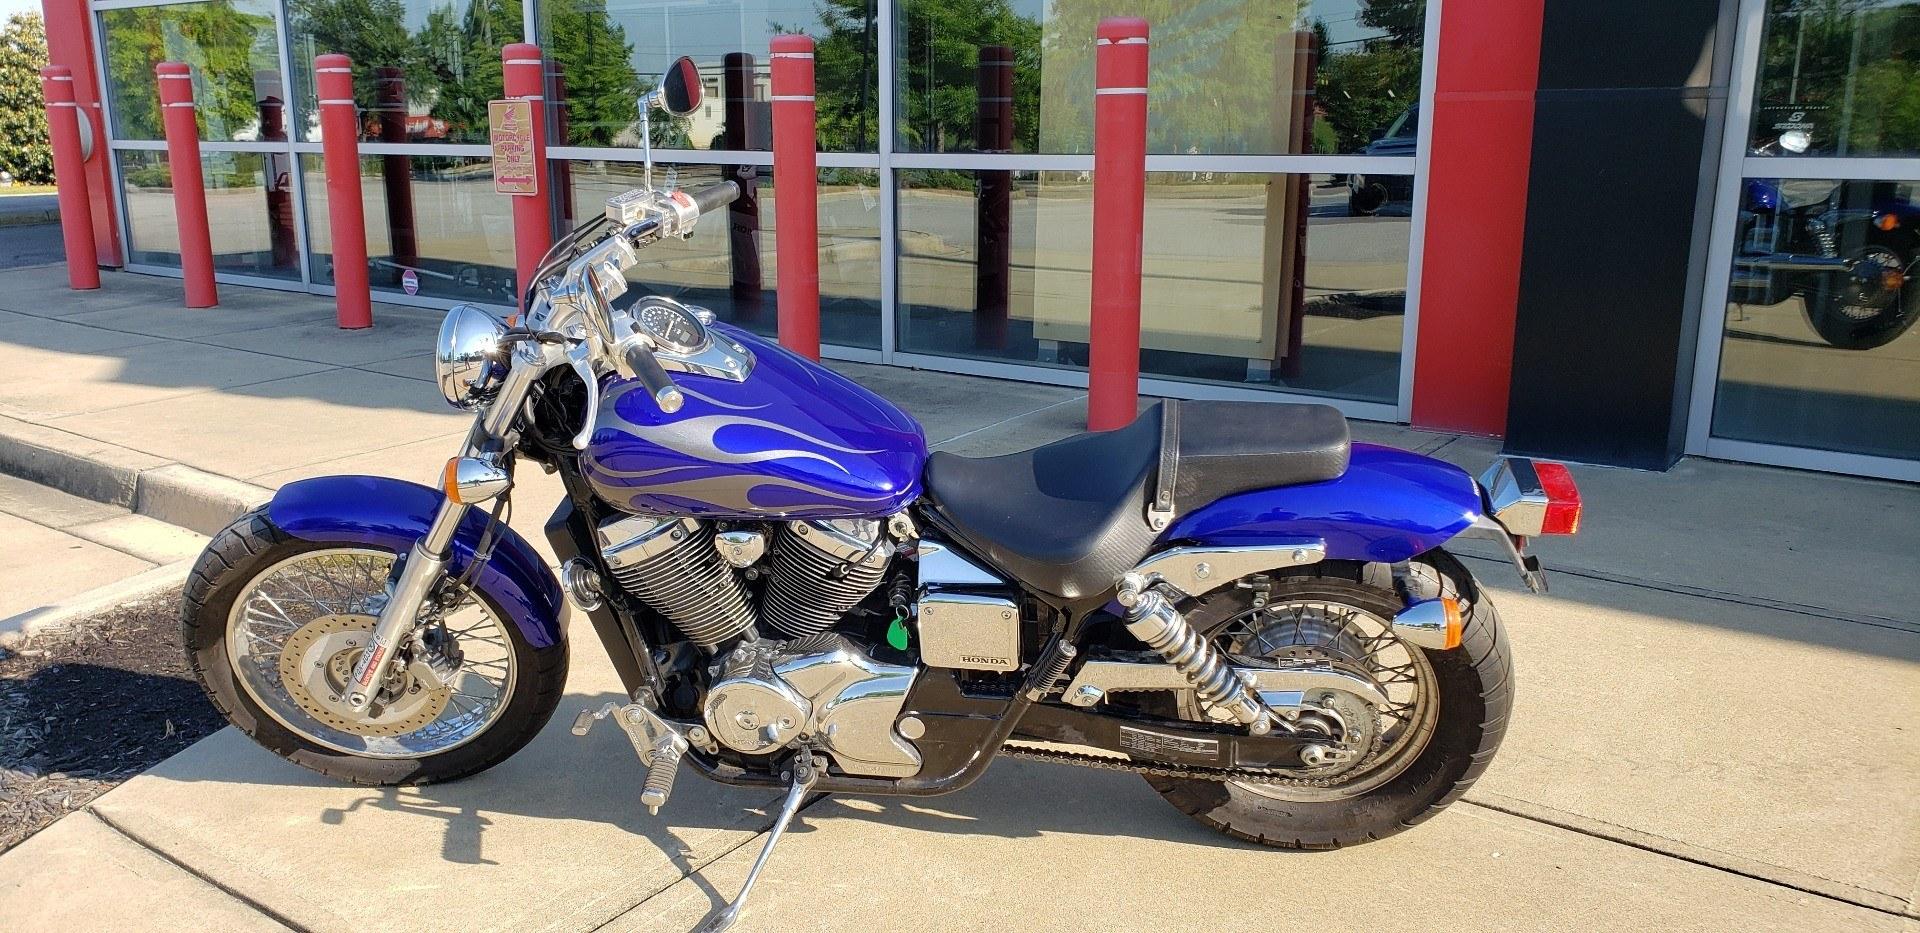 2005 Honda Shadow Spirit 750 1